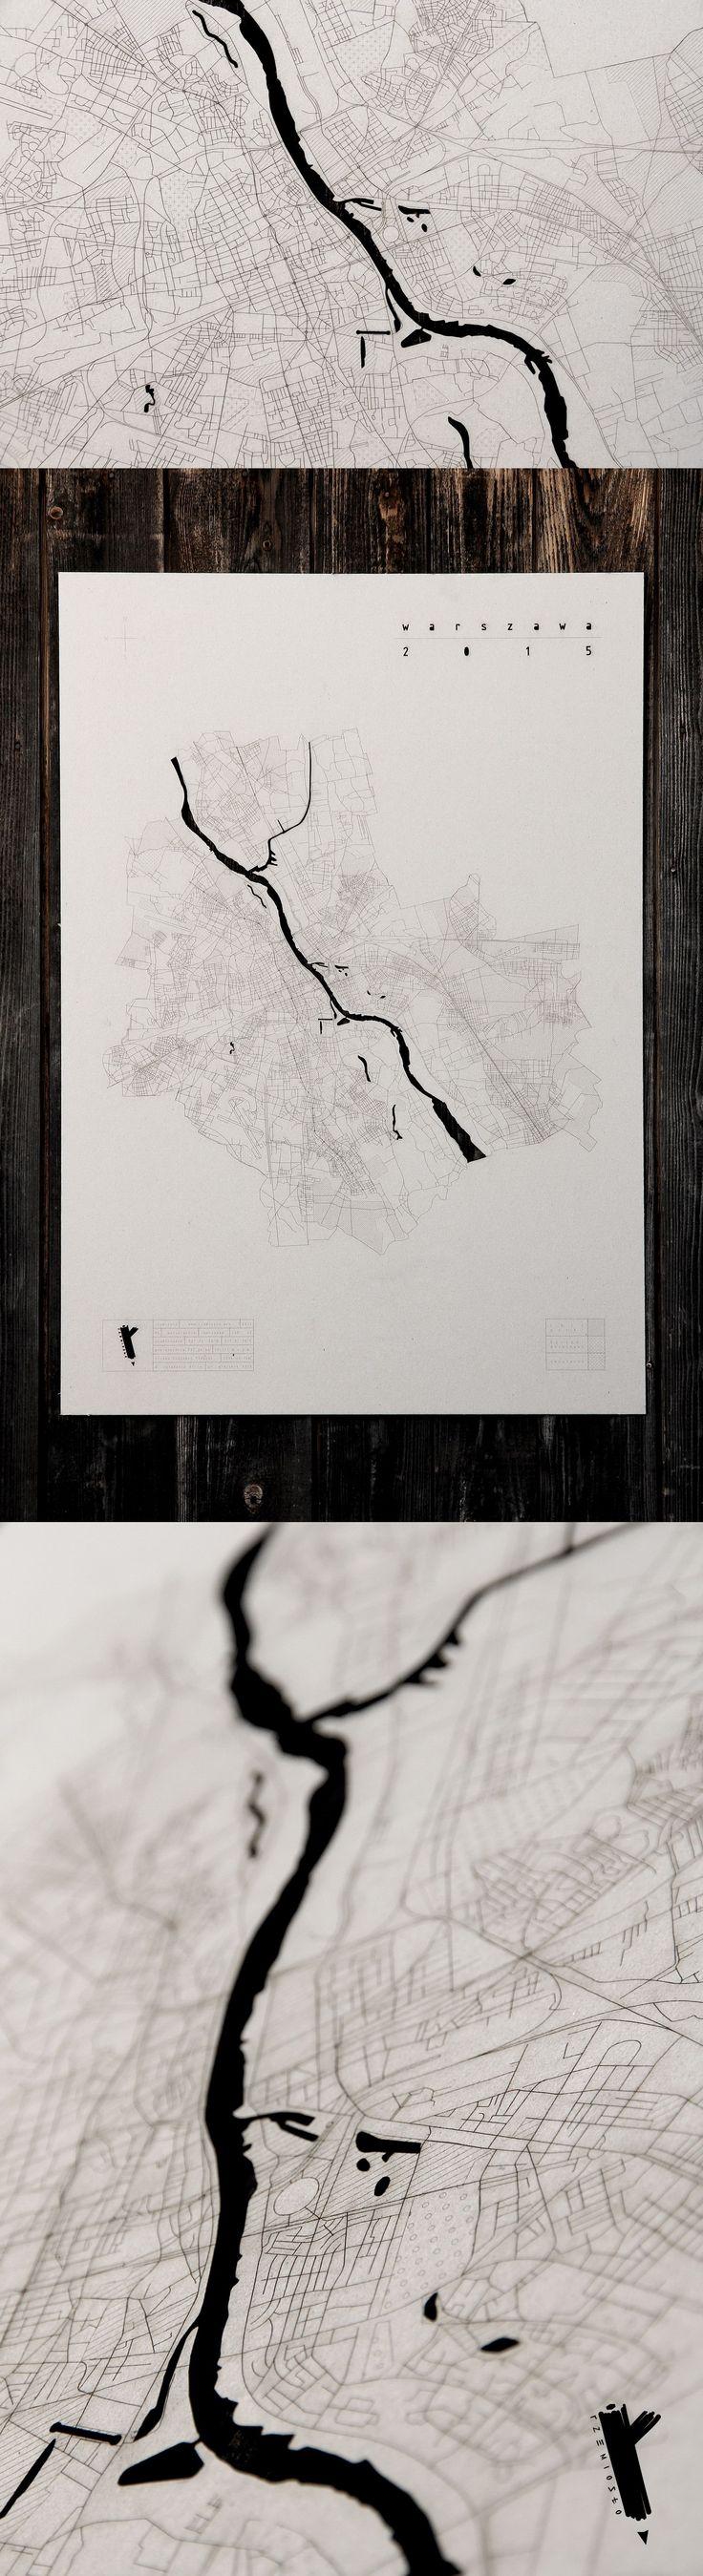 www.rzemioslo.pro #warsaw #warszawa #mapa #plan #siatkaulic #tektura #karton #grawerowanie #naścianę #dekoracja #design #wnętrza